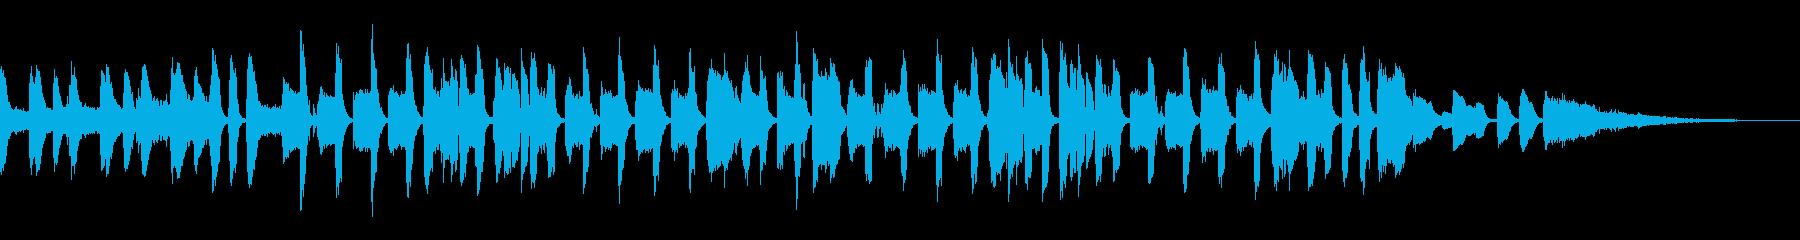 ピタゴラっぽい可愛いリコーダーのCM曲の再生済みの波形